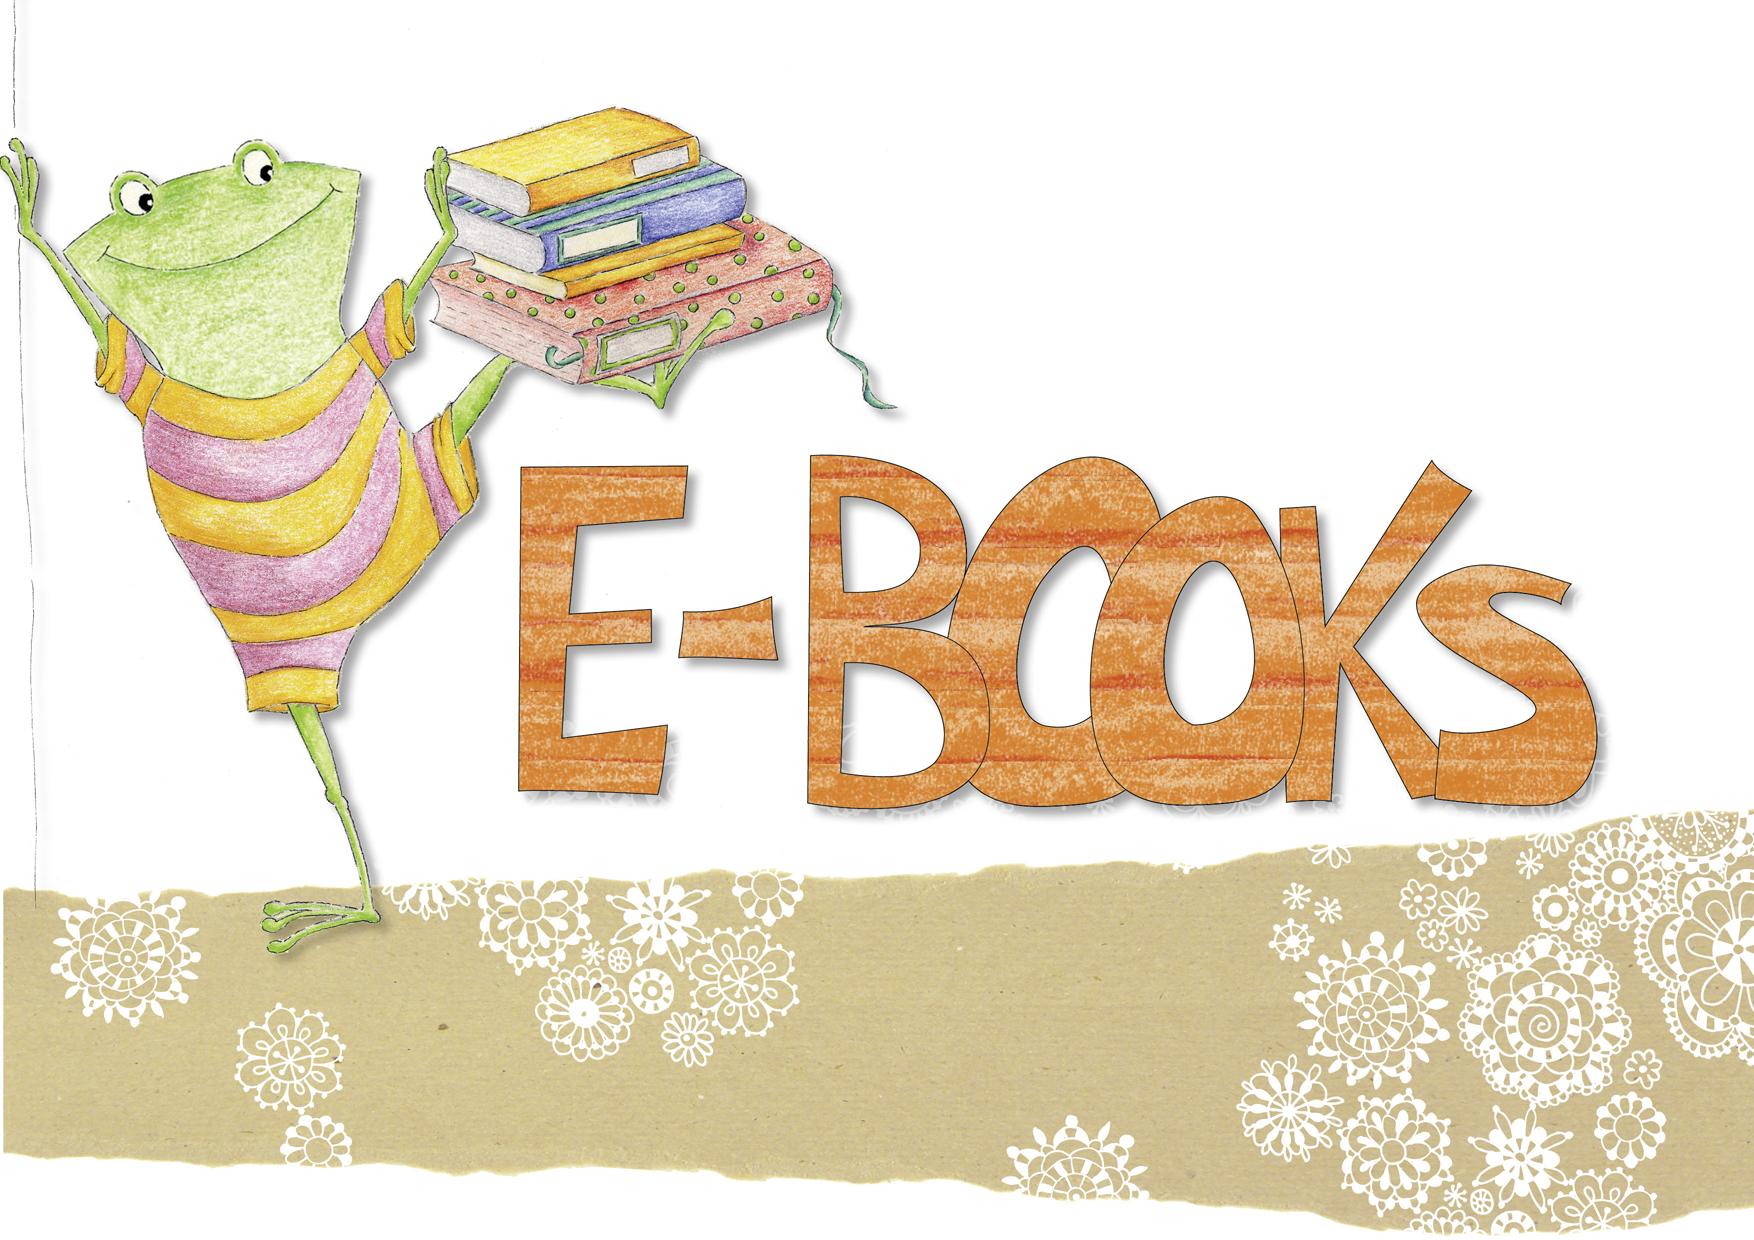 e-Books, Nähzimmer, Naäanleitungen, Schnittmuster